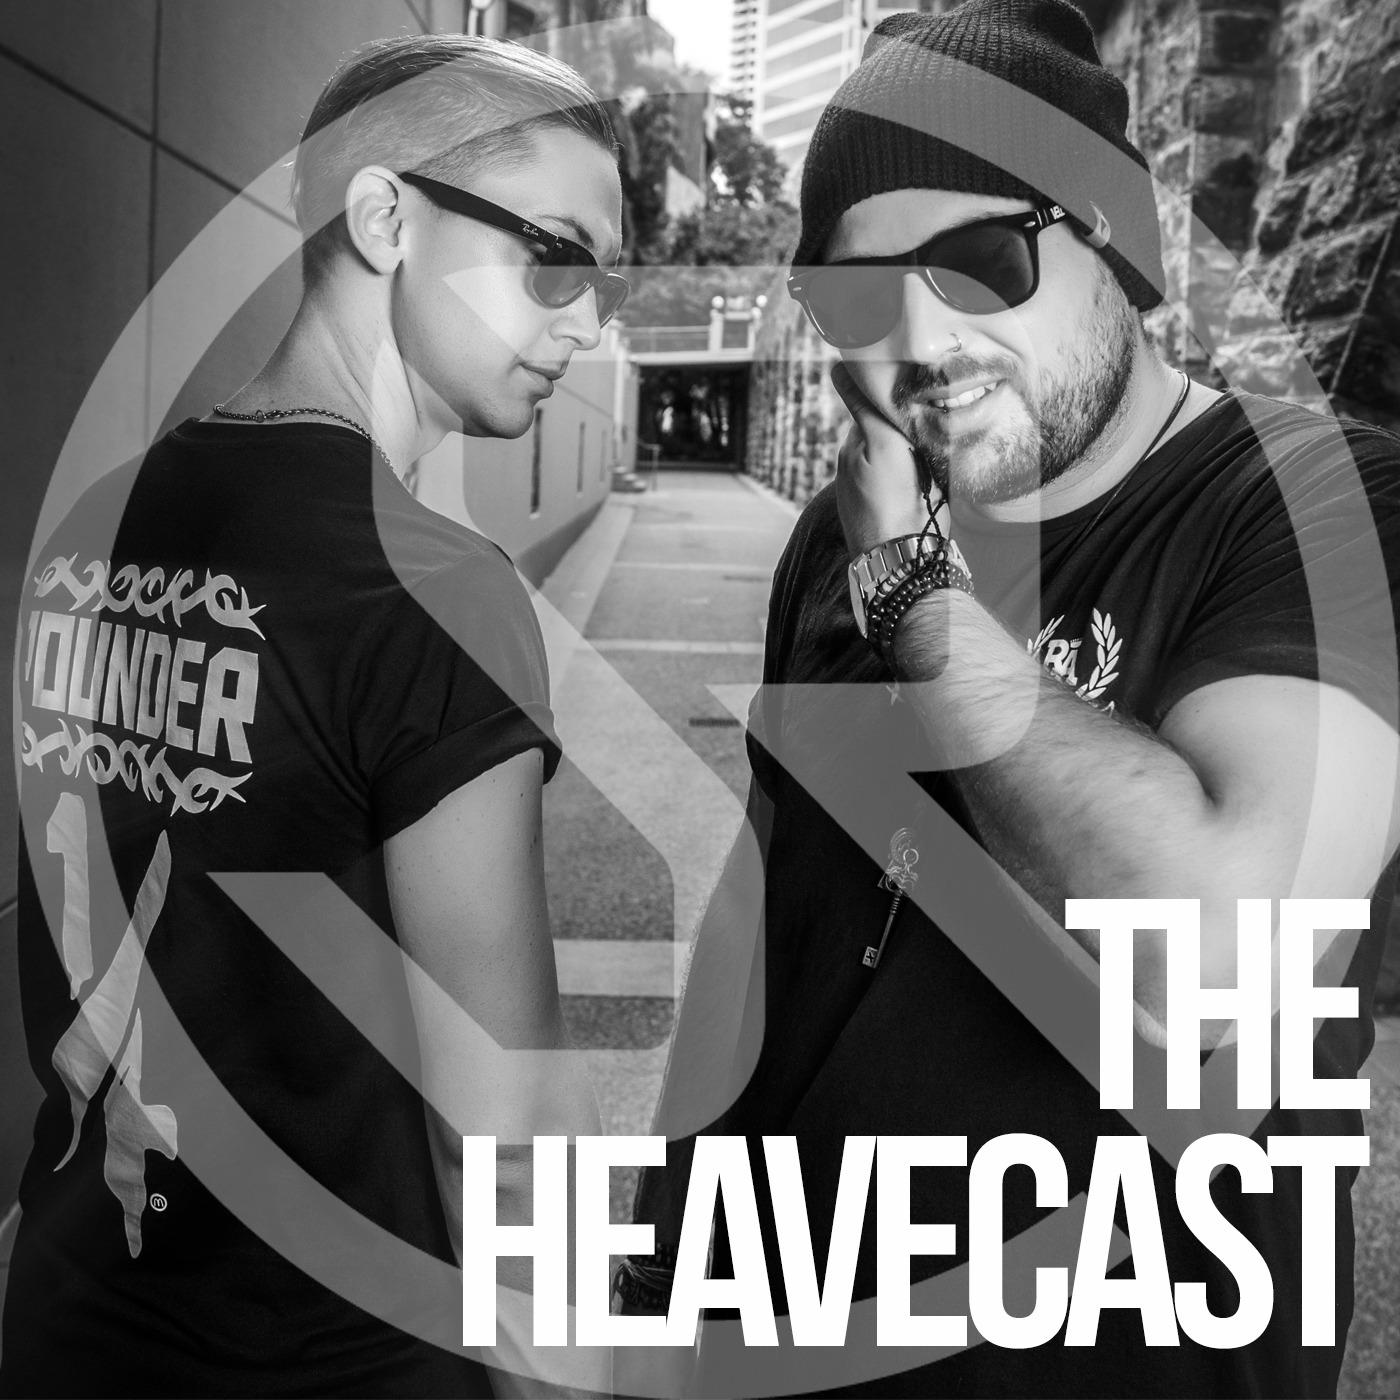 Slop Rock - The Heavecast